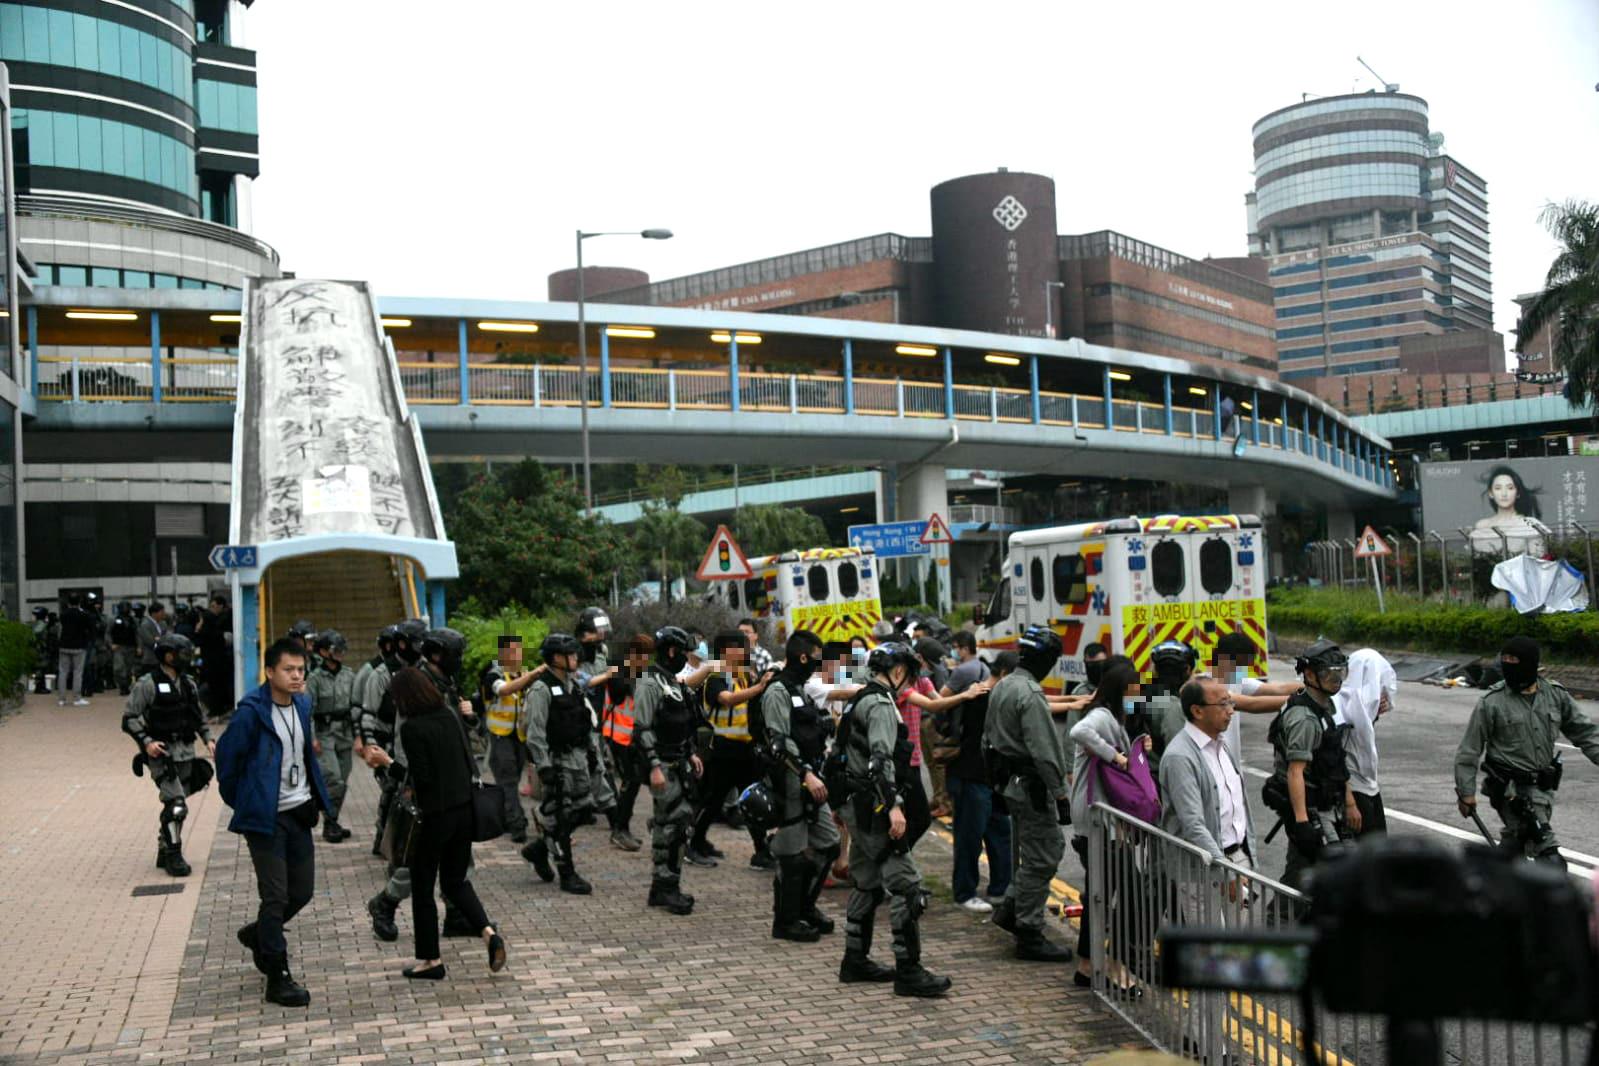 【修例風波】滕錦光呼籲理大聚集人士今日內主動和平離開